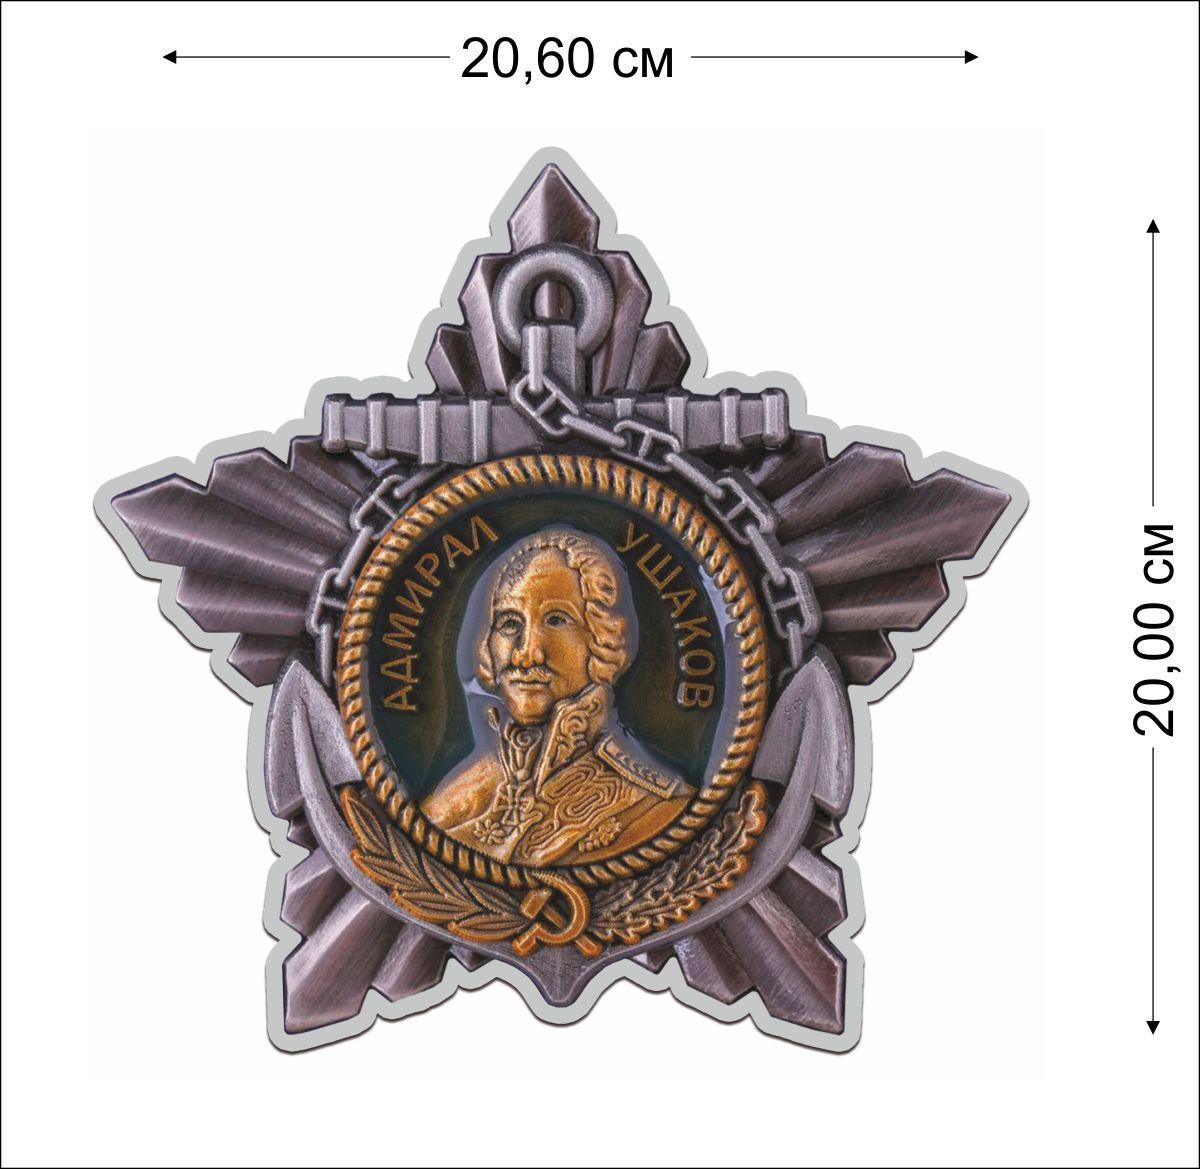 Наклейка с орденом Ушакова 1 степени